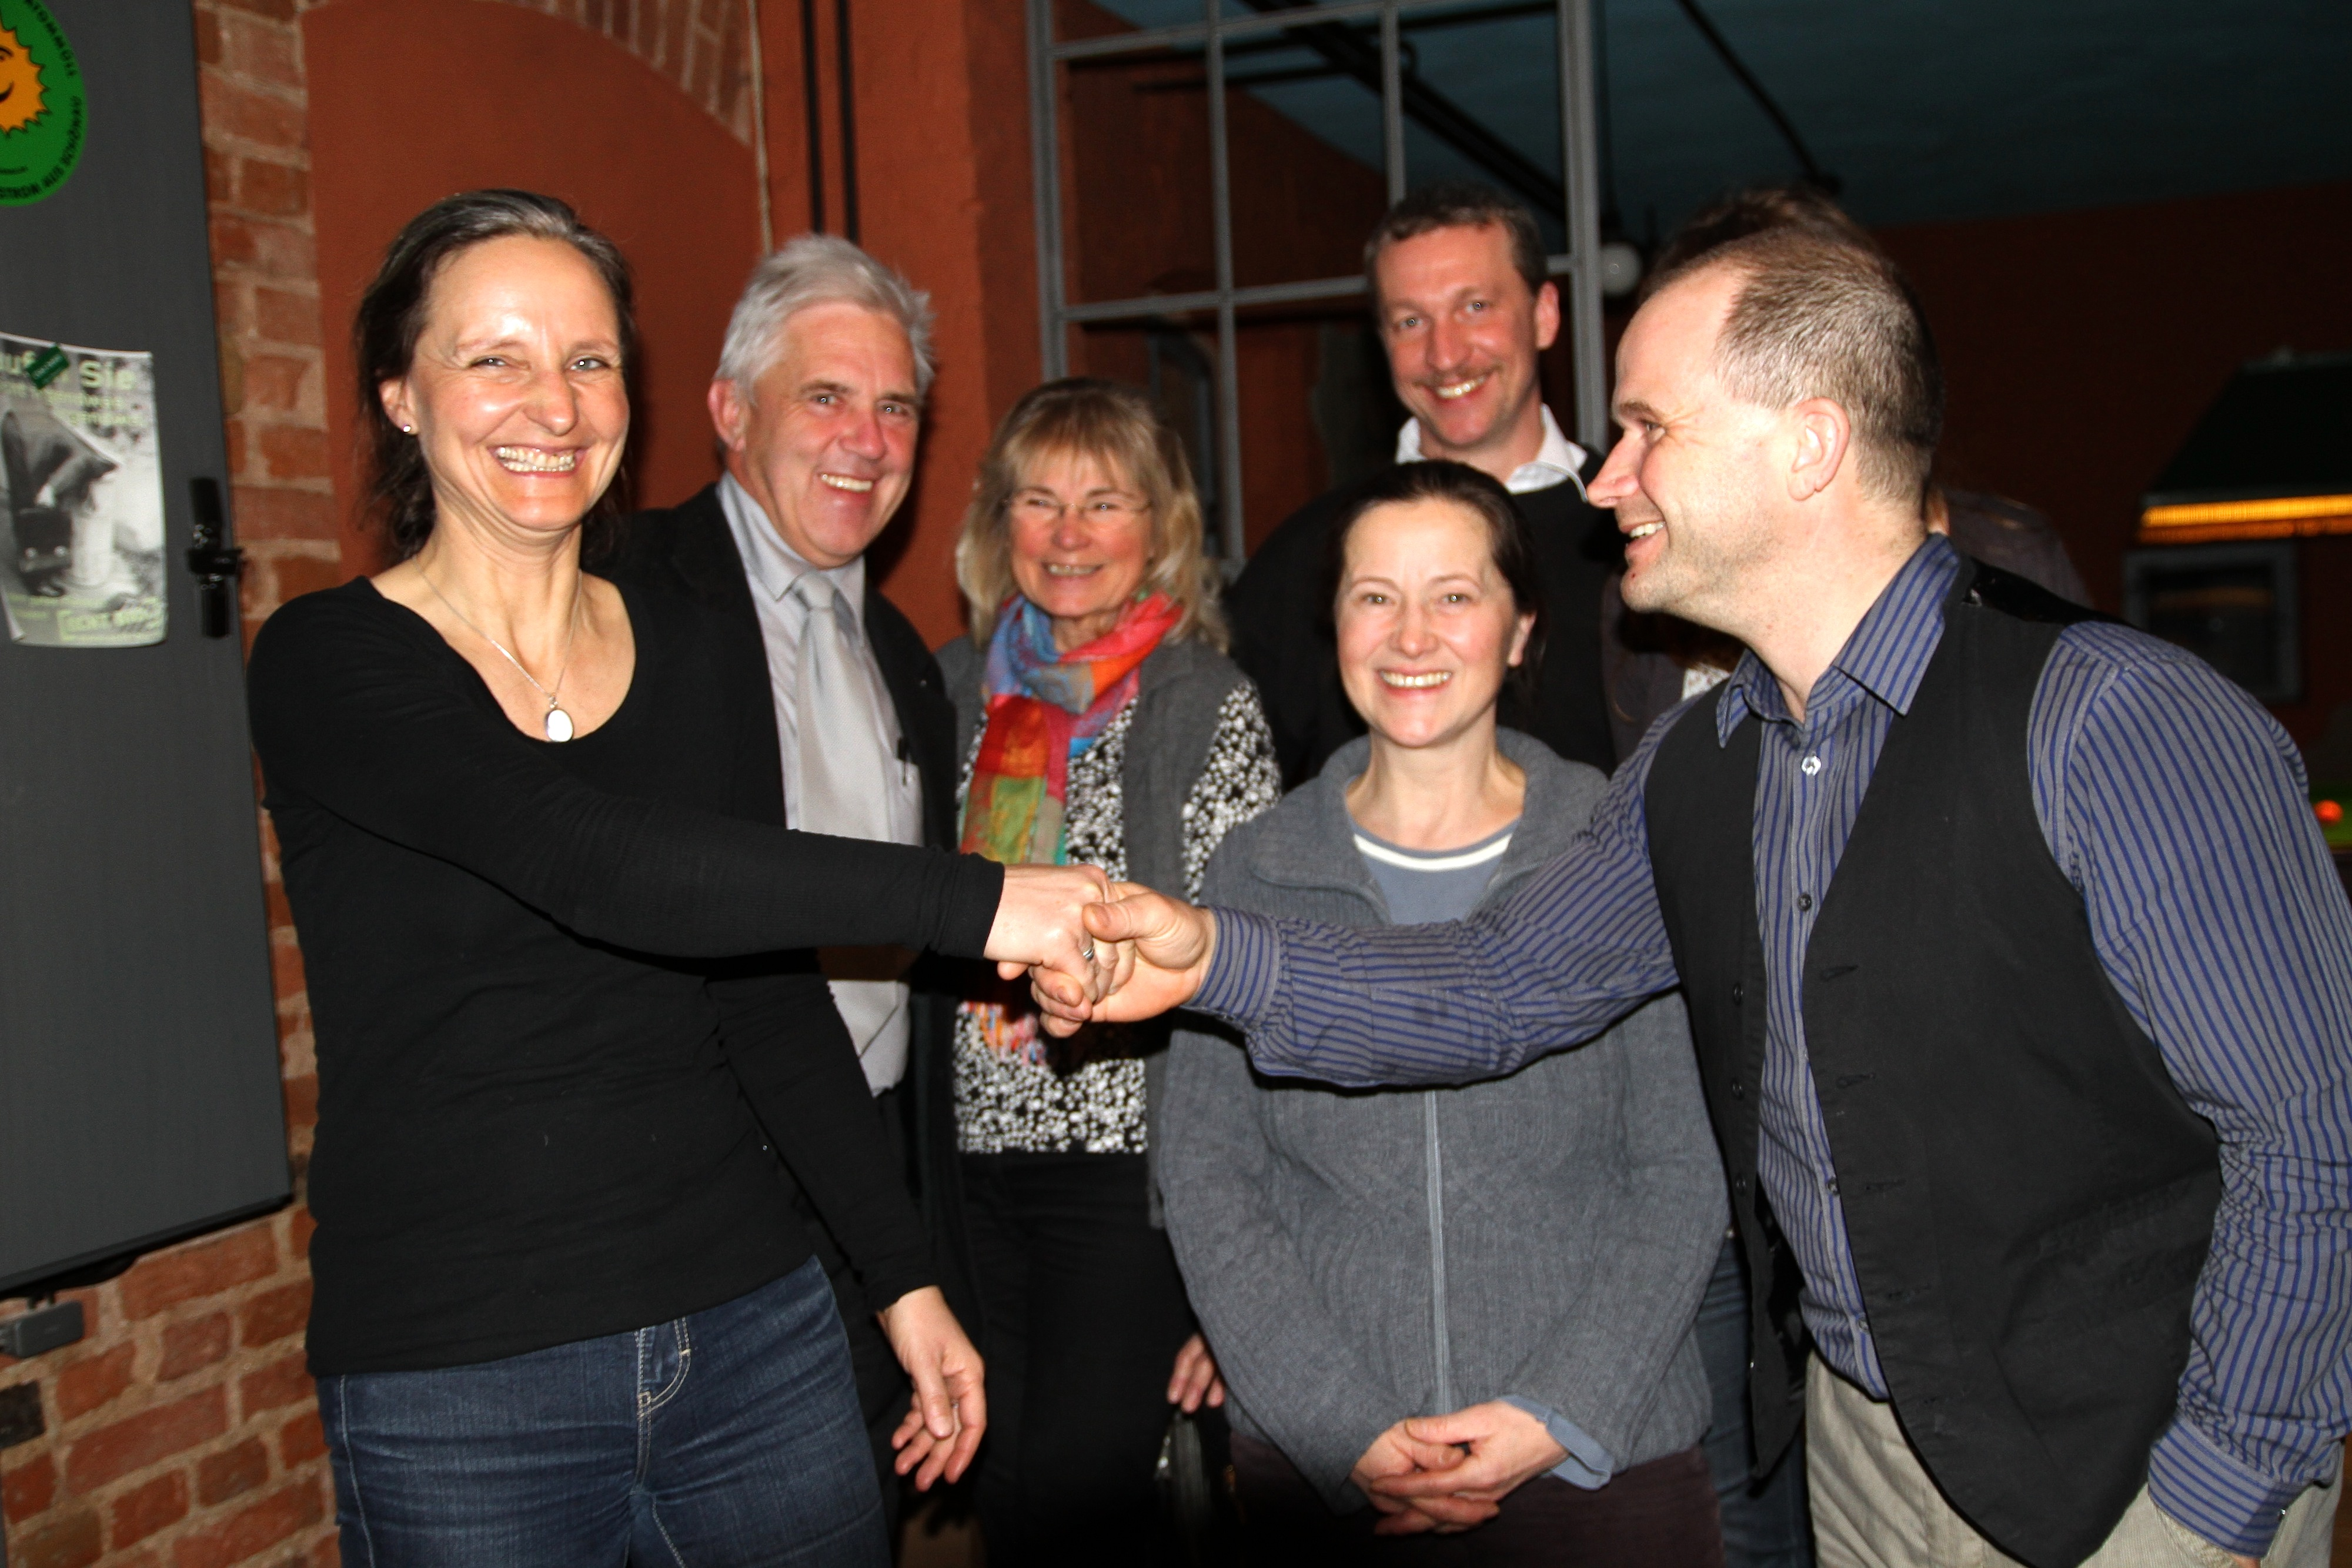 von-links-Simone-Maaß-Harald-Gaulke-Heidi-Falk-Cornelia-Rein-Jens-Schlegelmilch-und-Ronald-Haustein